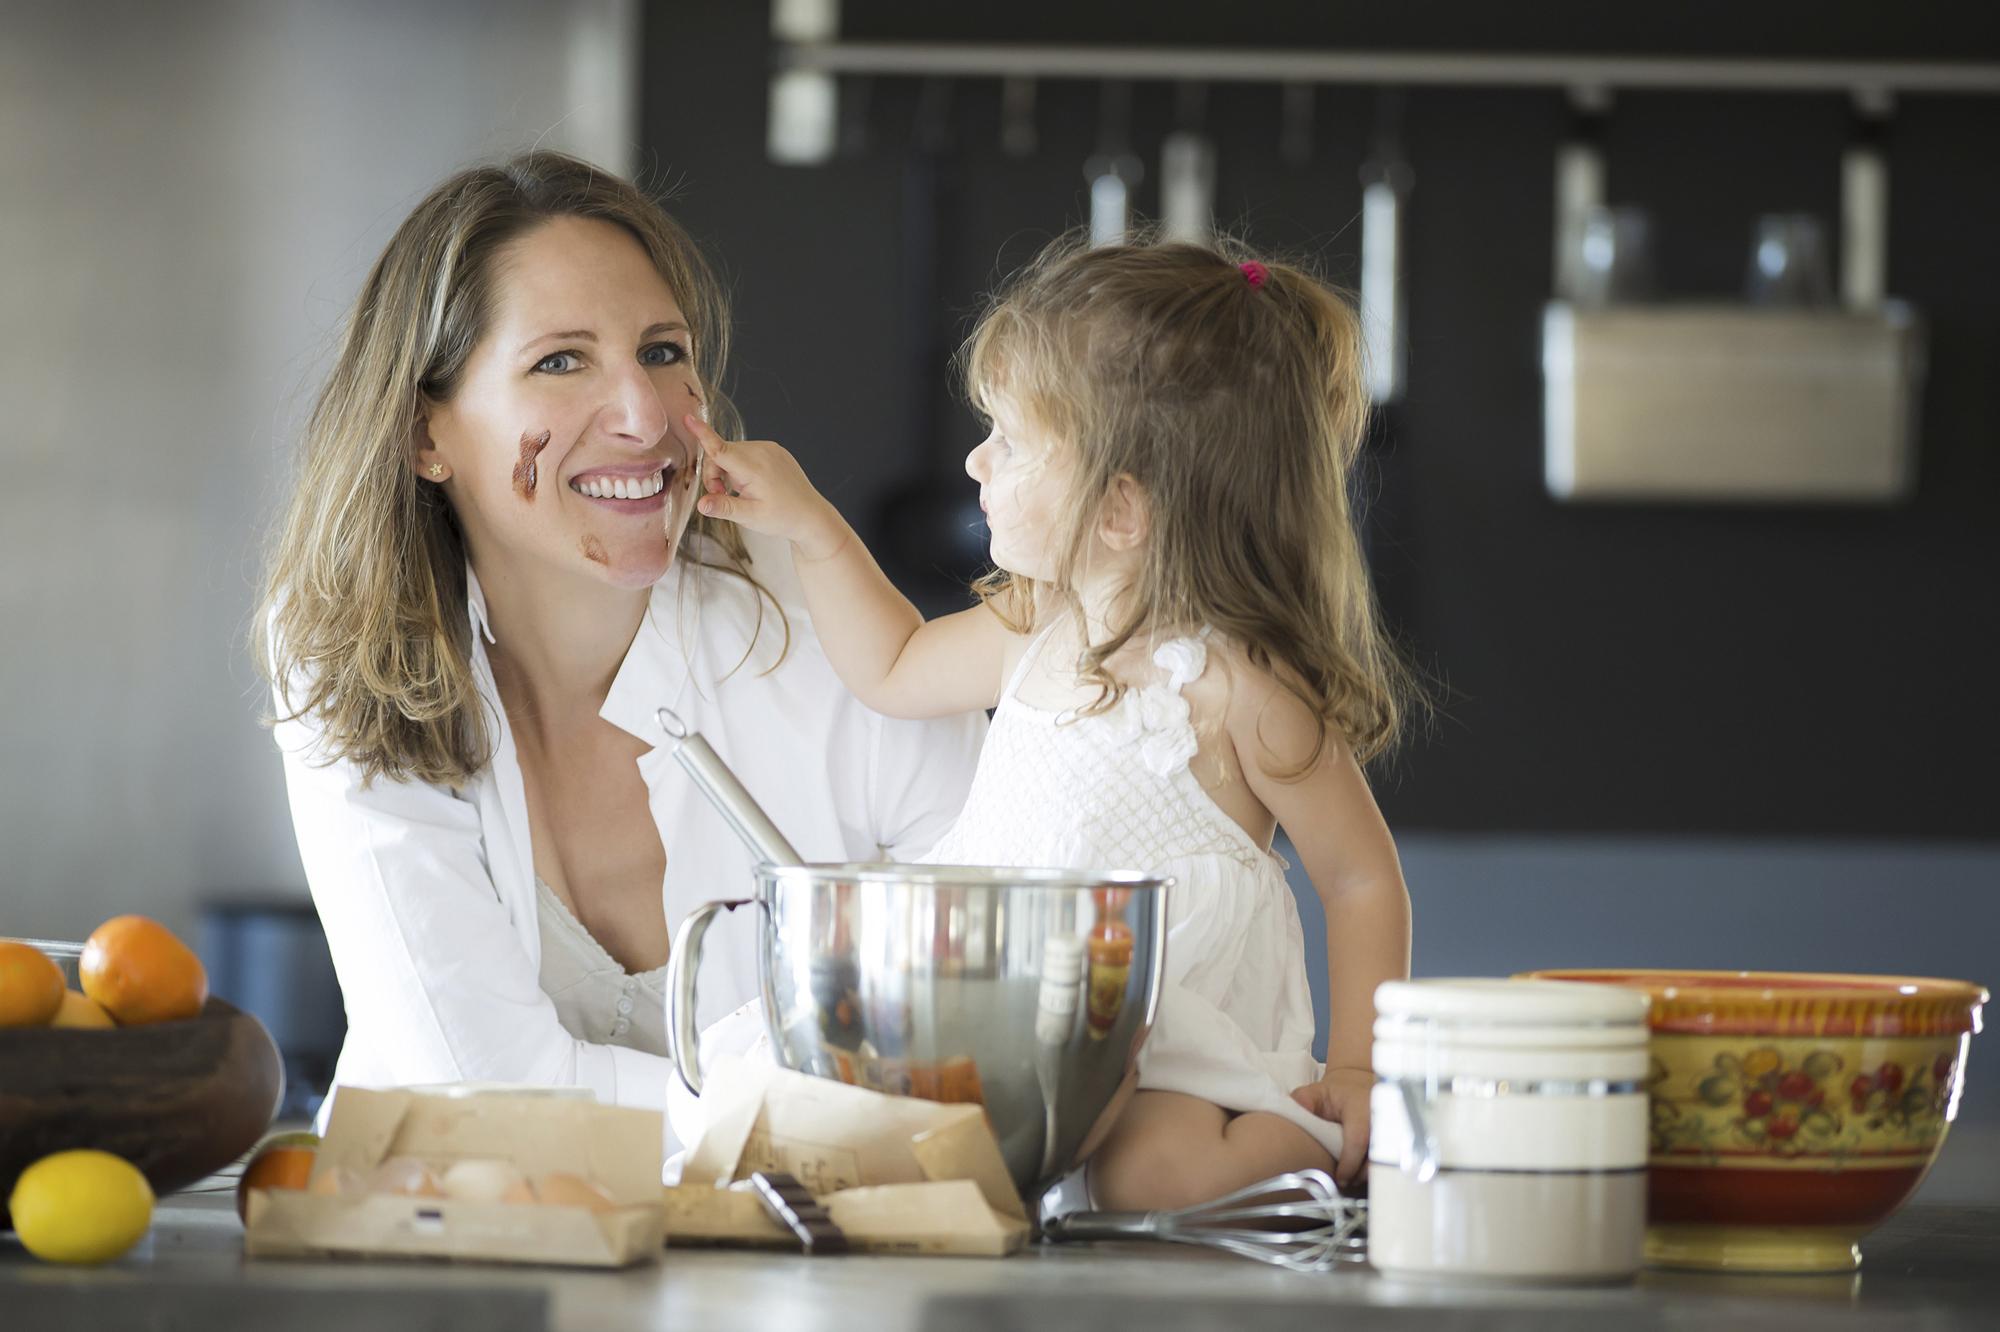 Attitude souriante de Maud FONTENOY faisant un g'teau avec sa fille sa fille Hina 2 ans qui met du chocolat sur le visage de sa maman, ‡ CARQUEIRANNE dans le Var le 11 octobre 2015.